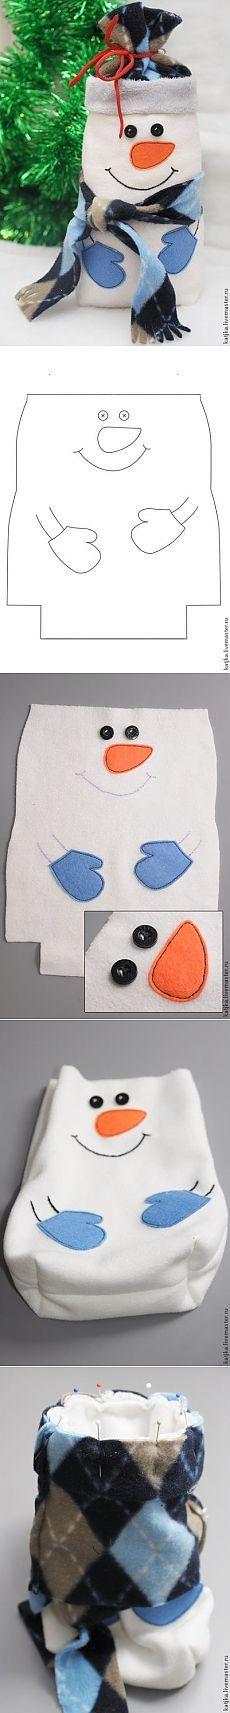 Class & quot Maestro; bolsa de muñeco de nieve de Navidad para el caramelo & quot;